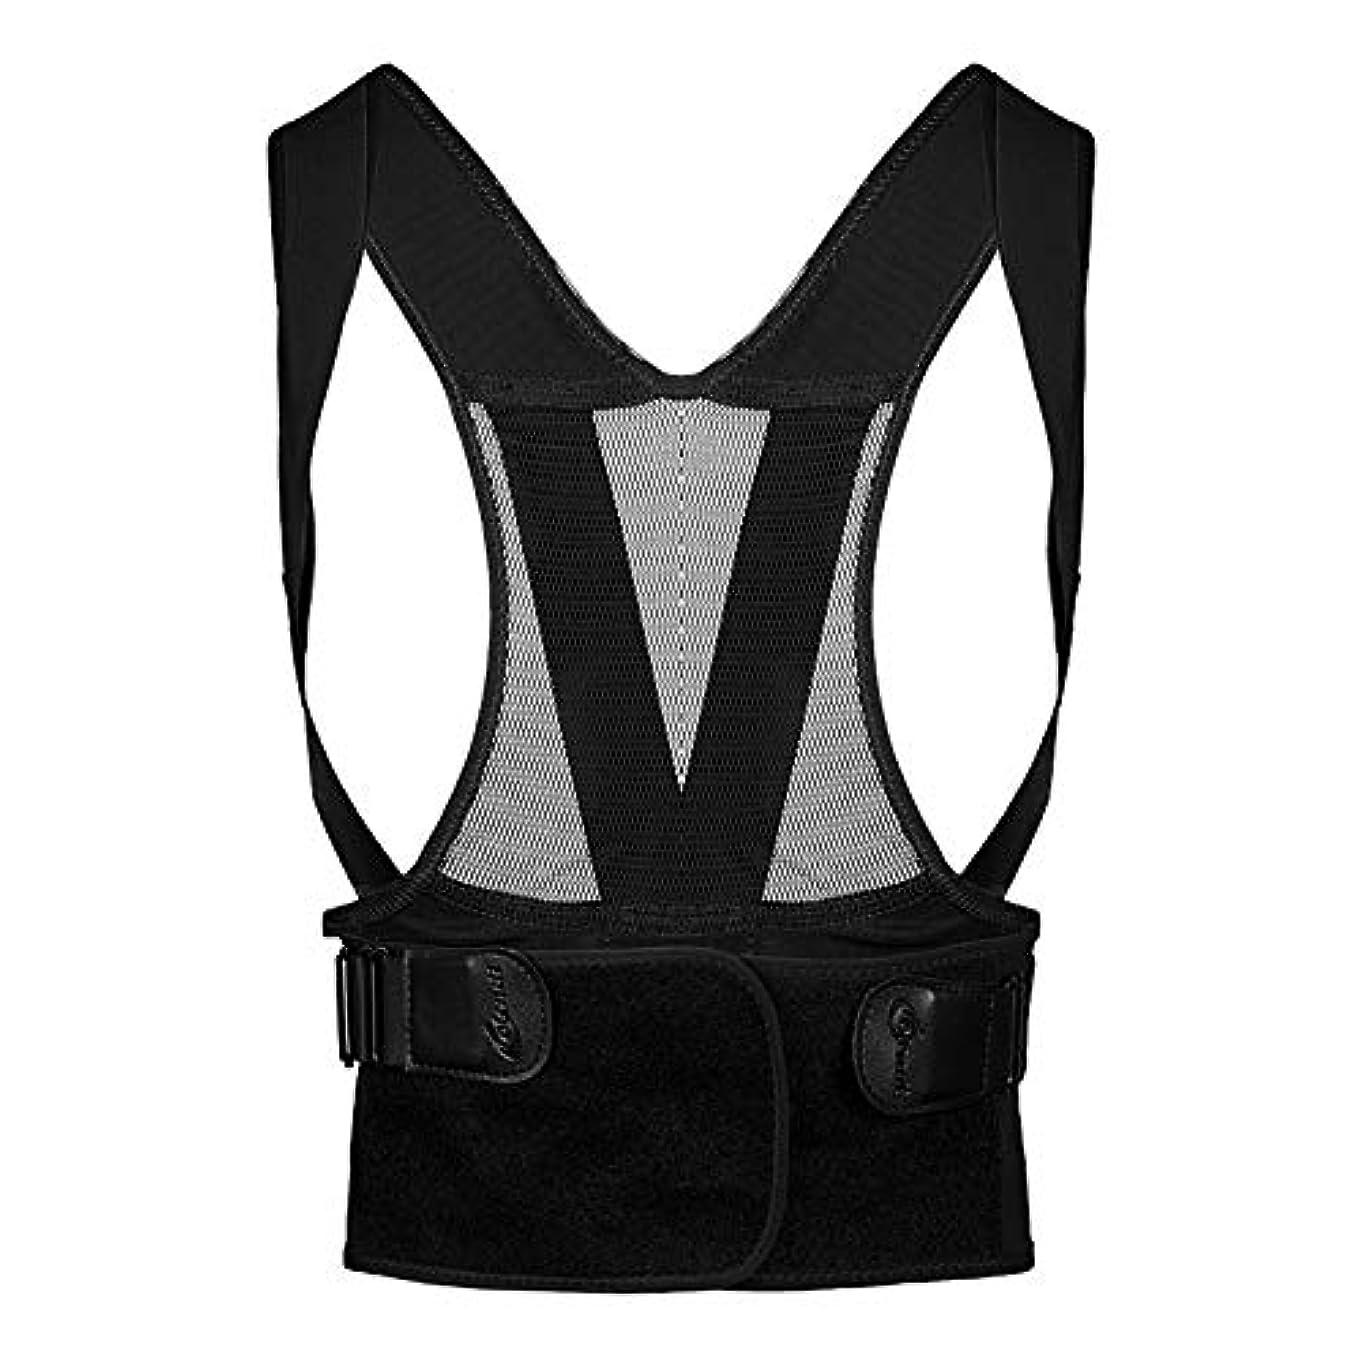 ターミナルフェリーセント男性 姿勢矯正ベルト 、通気性 調整可能 ショルダー 腰椎 サポートベルト 、姿勢サポーター にとって 胸部回旋 そして キッズ ハングバックの改善 (Size : S)